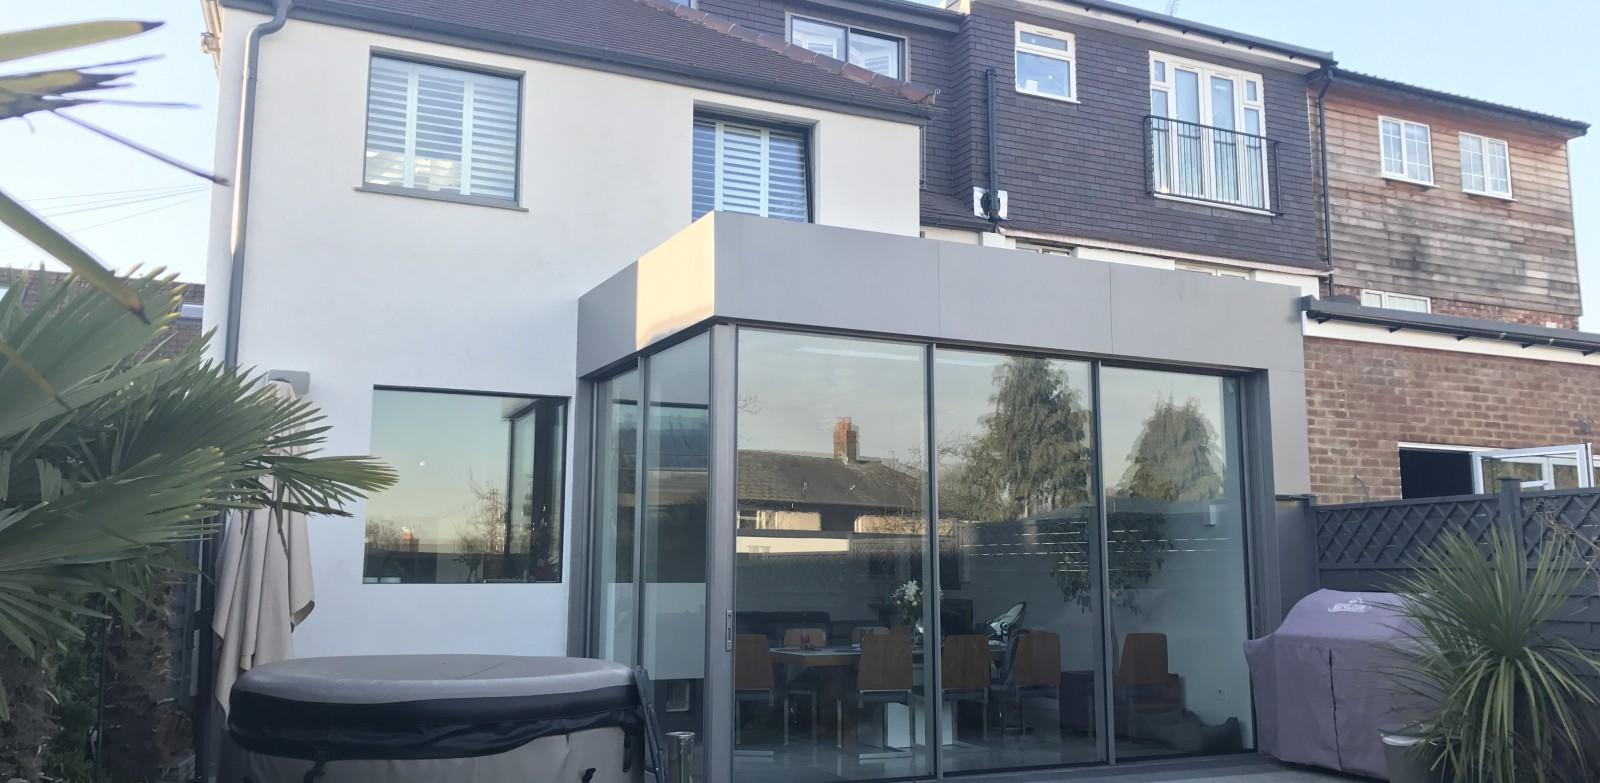 1-Hoylake 13 - Juttla Architects